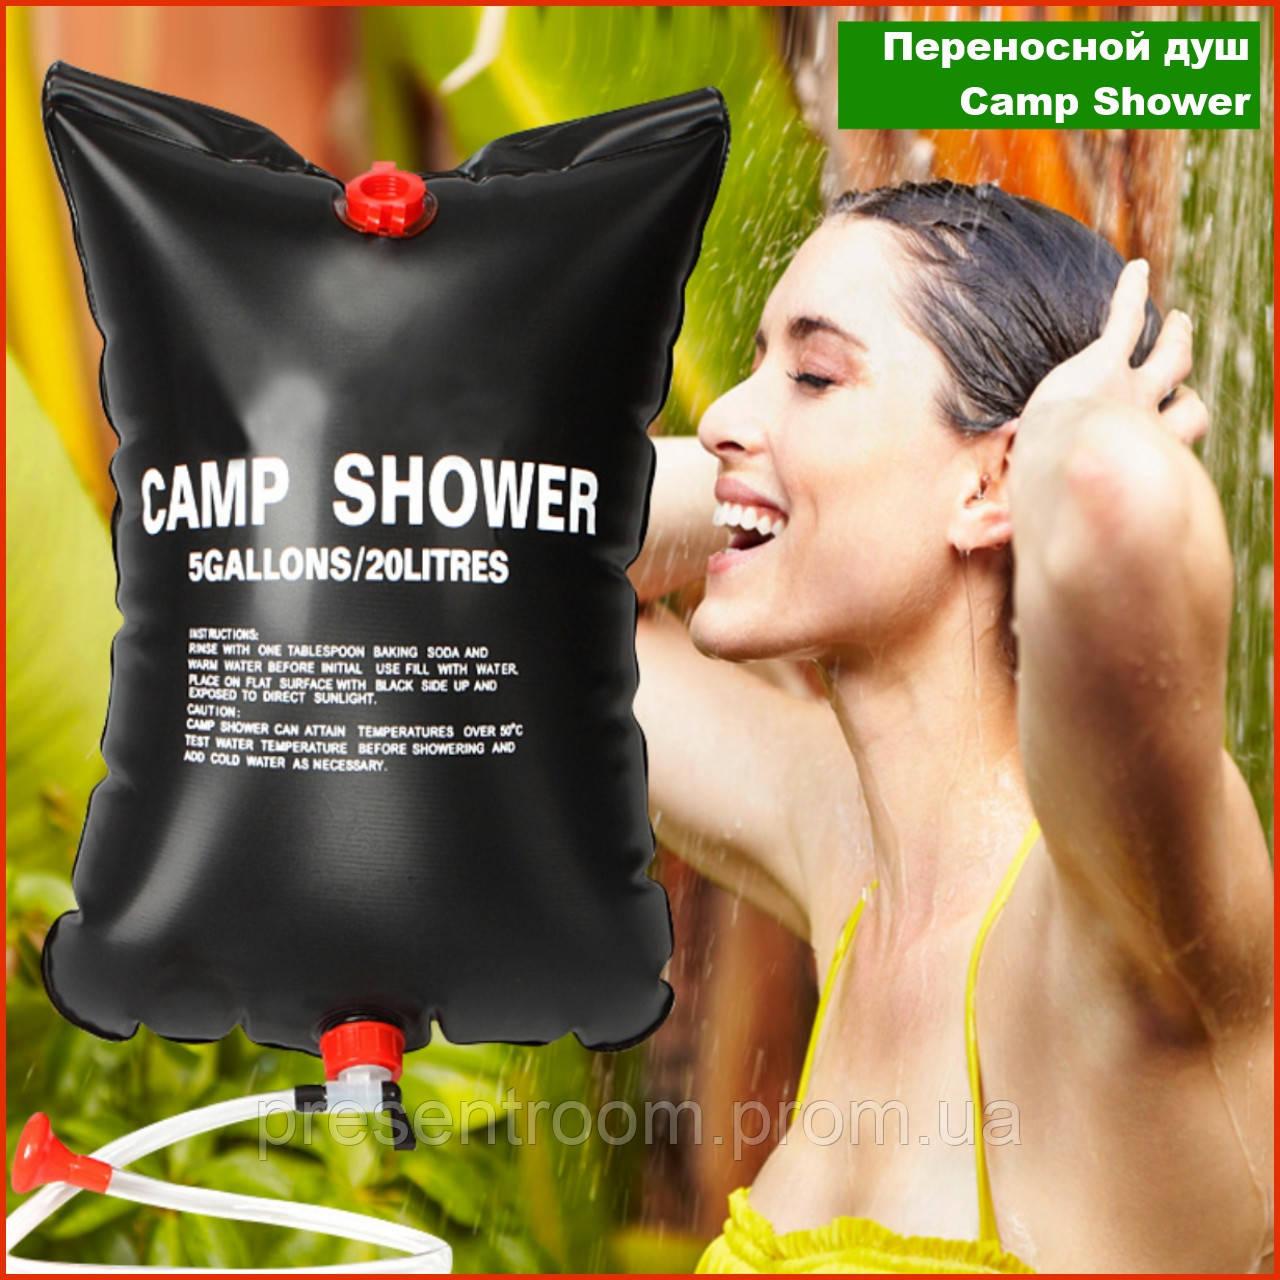 Переносний туристичний літній душ Camp Shower, похідний душ для кемпінгу, дачі, подорожей на 20 л Bestway